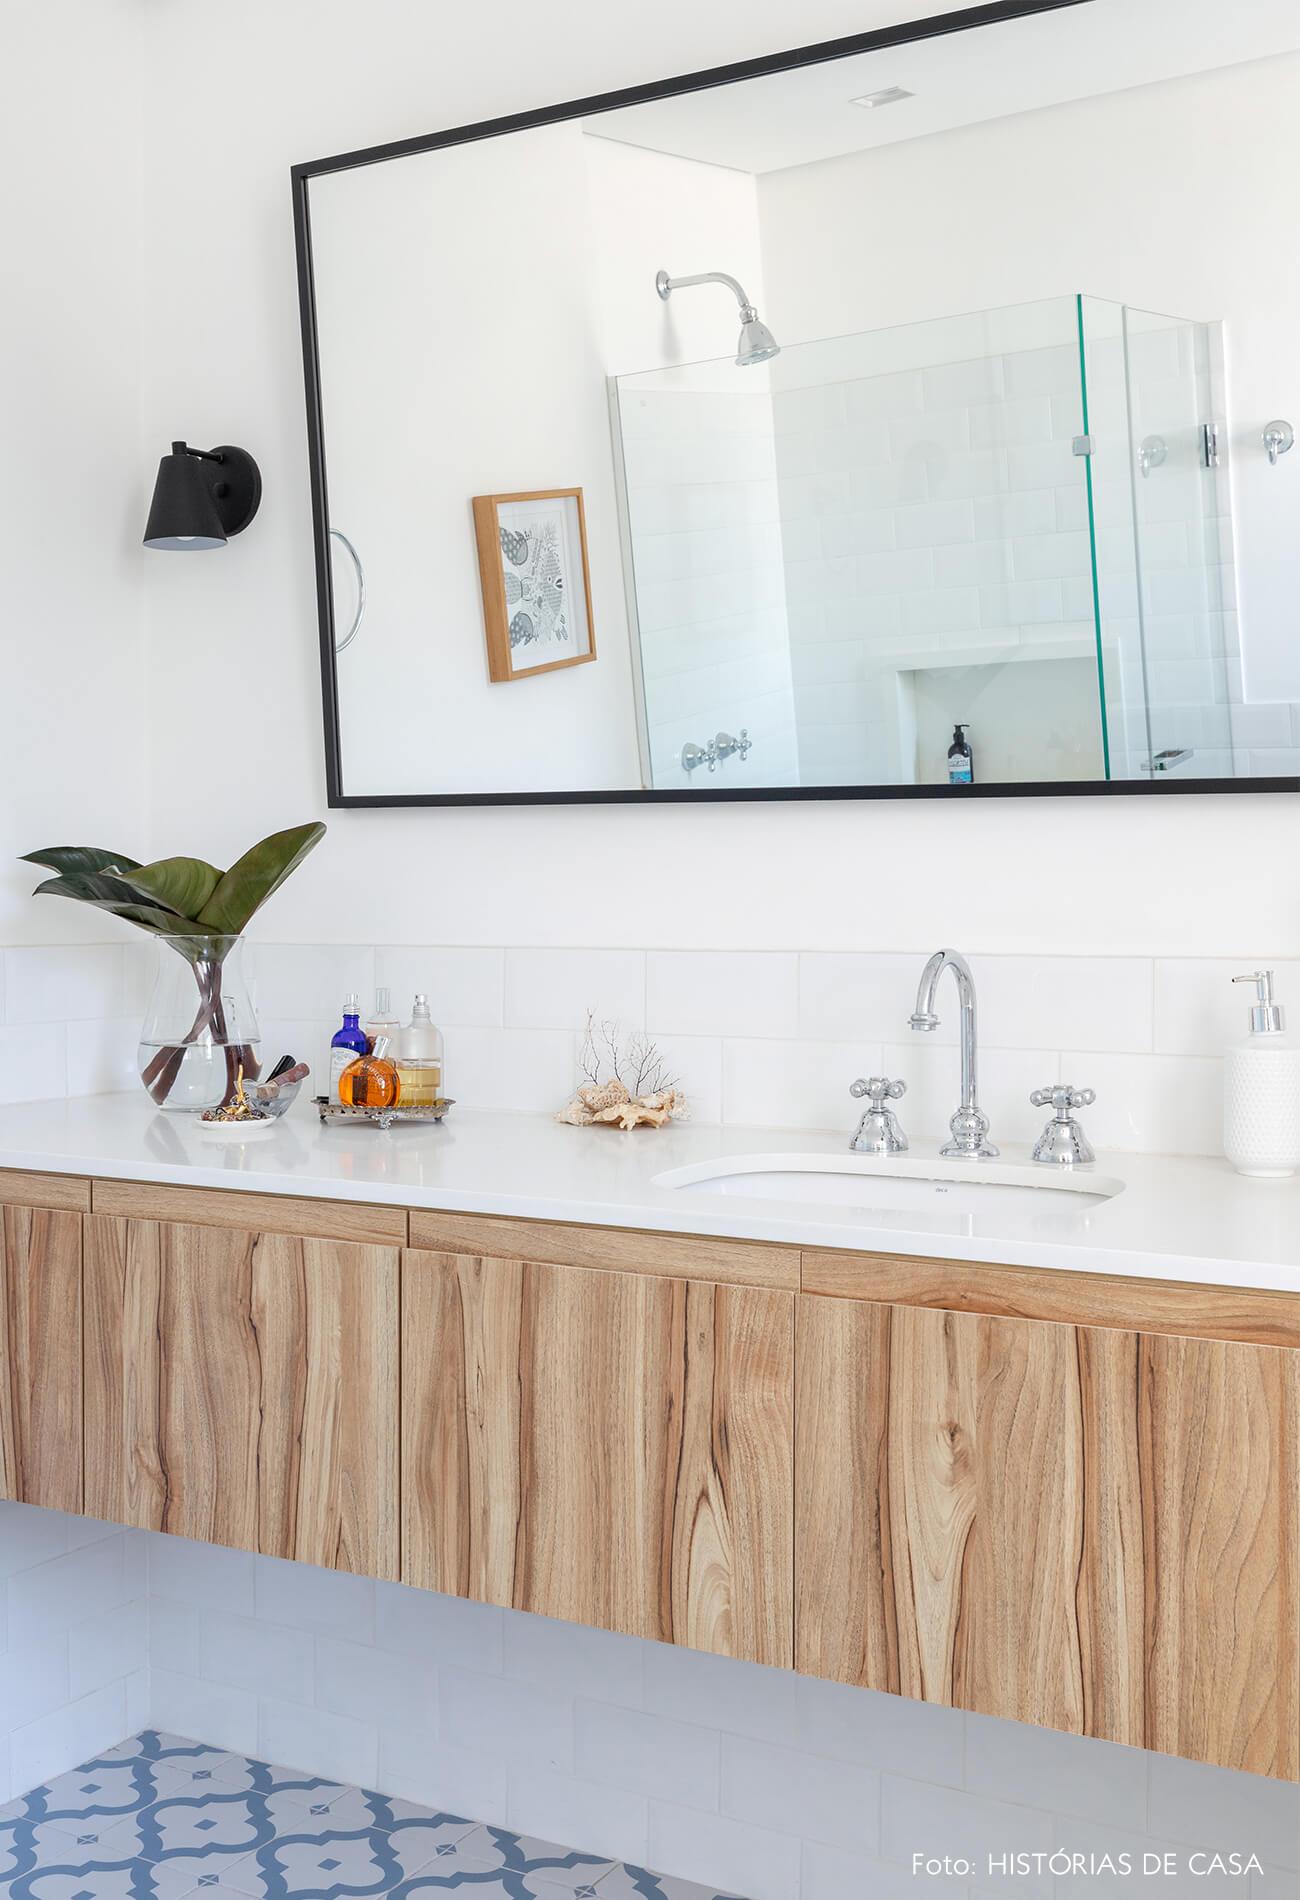 banheiro com espelho madeira e planta